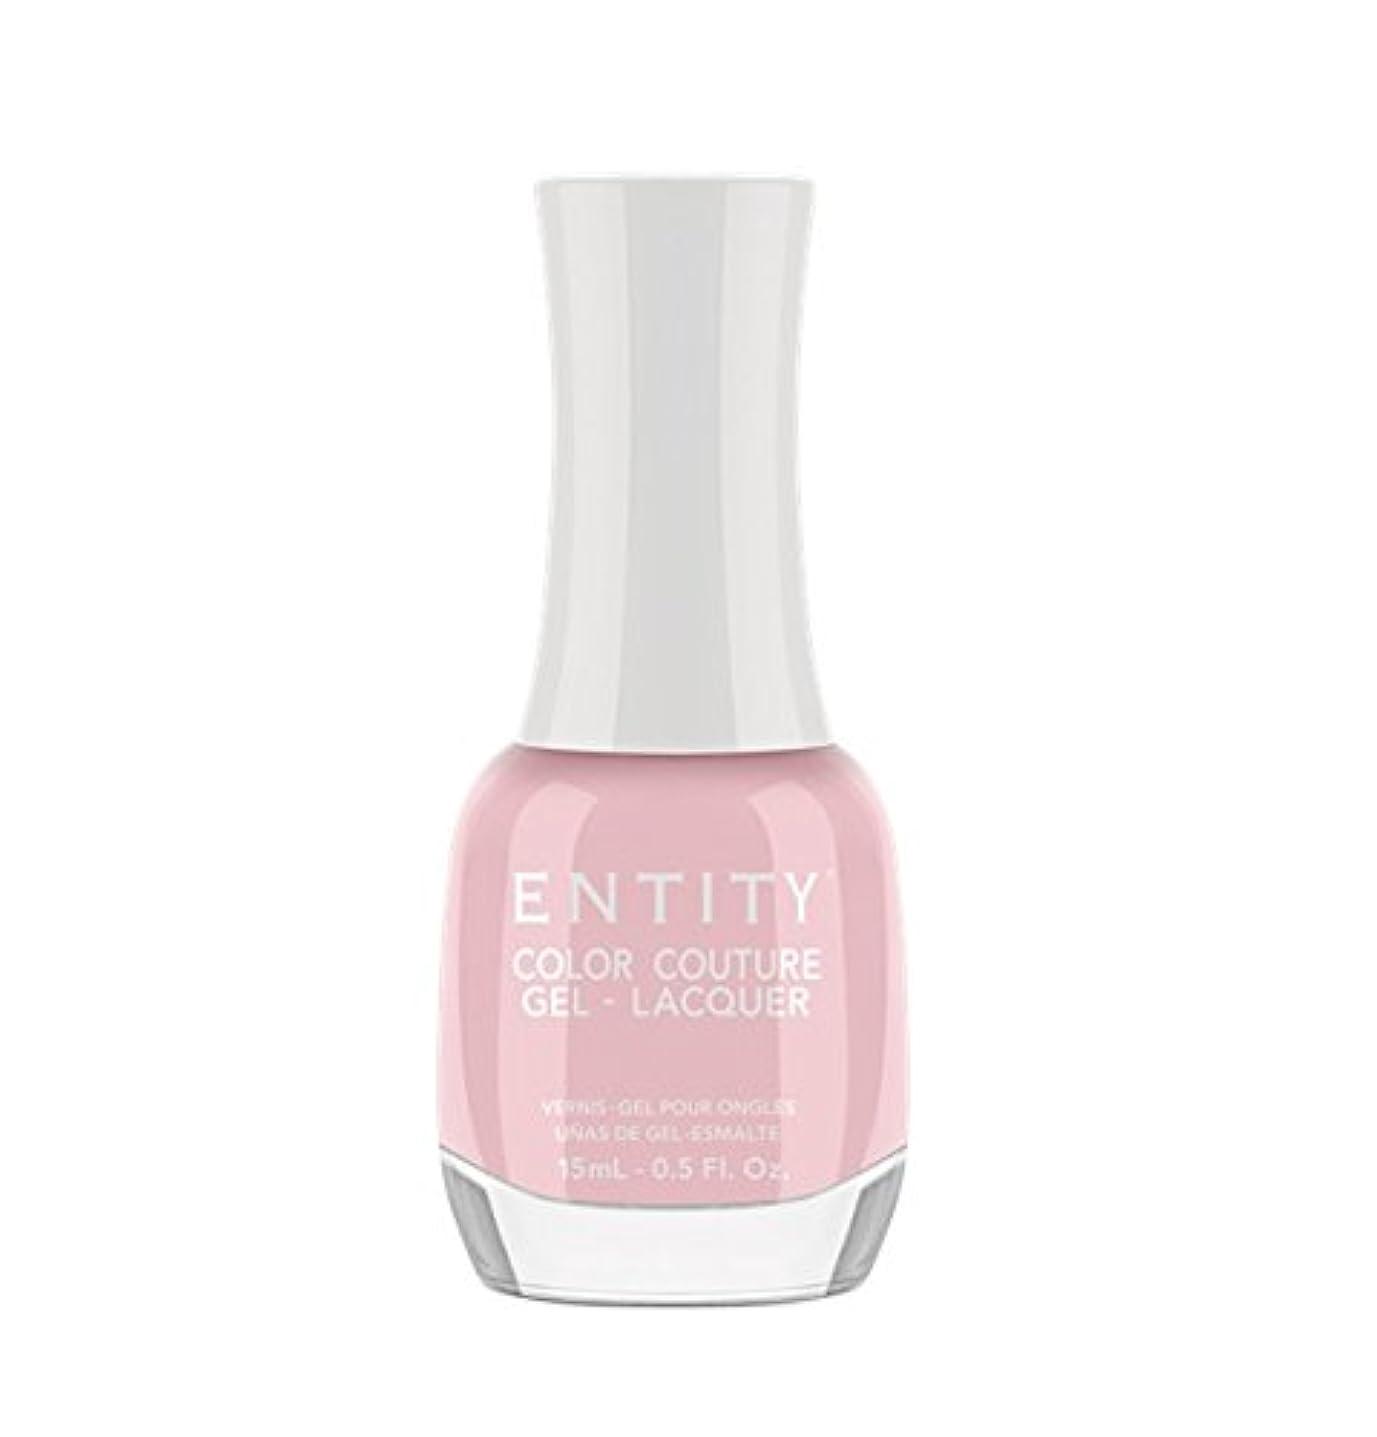 悪意グラフィック息子Entity Color Couture Gel-Lacquer - Boho Chic - 15 ml/0.5 oz